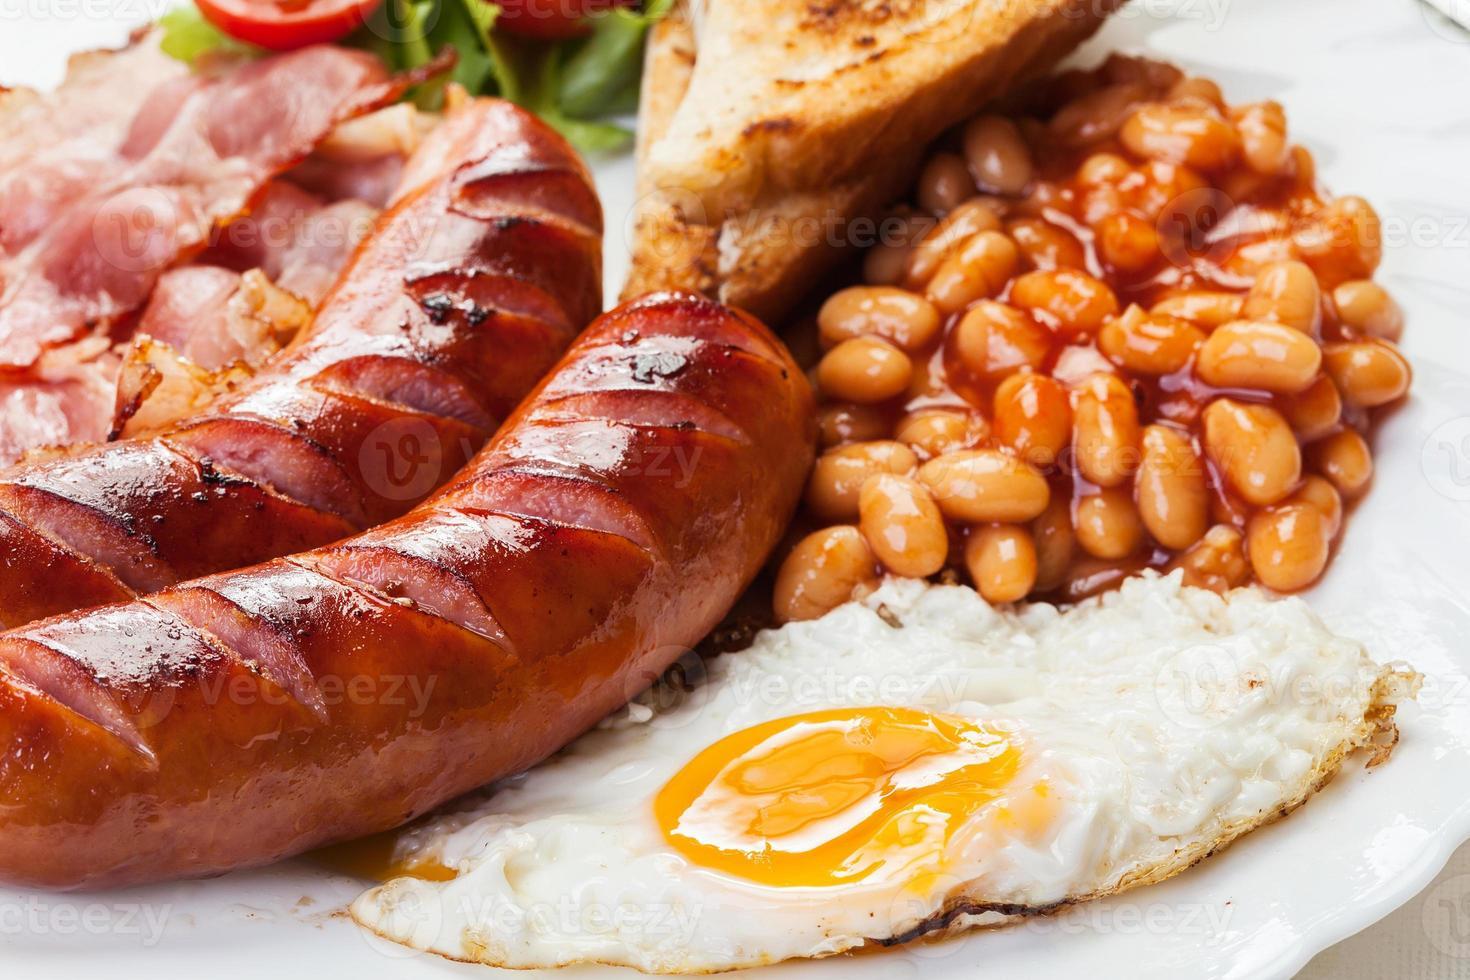 englisches Frühstück mit Speck, Wurst, Ei und gebackenen Bohnen foto